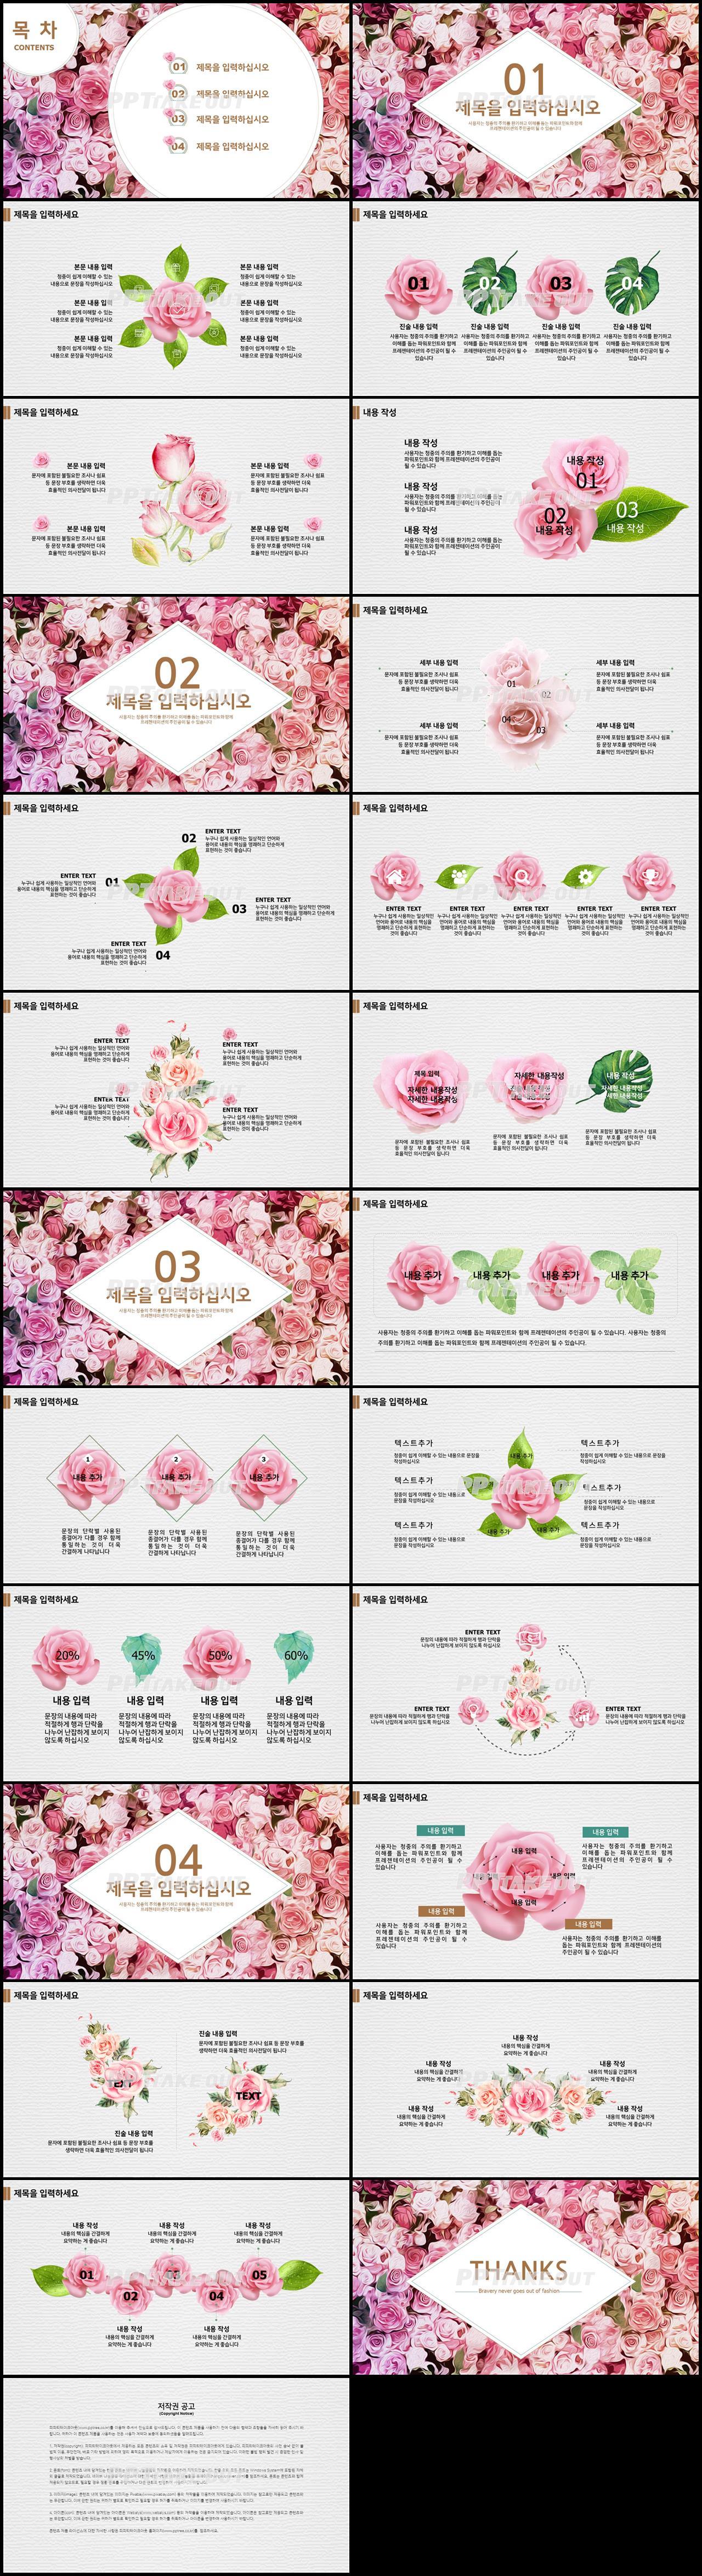 동식물, 애완동물 분홍색 단아한 매력적인 POWERPOINT탬플릿 제작 상세보기